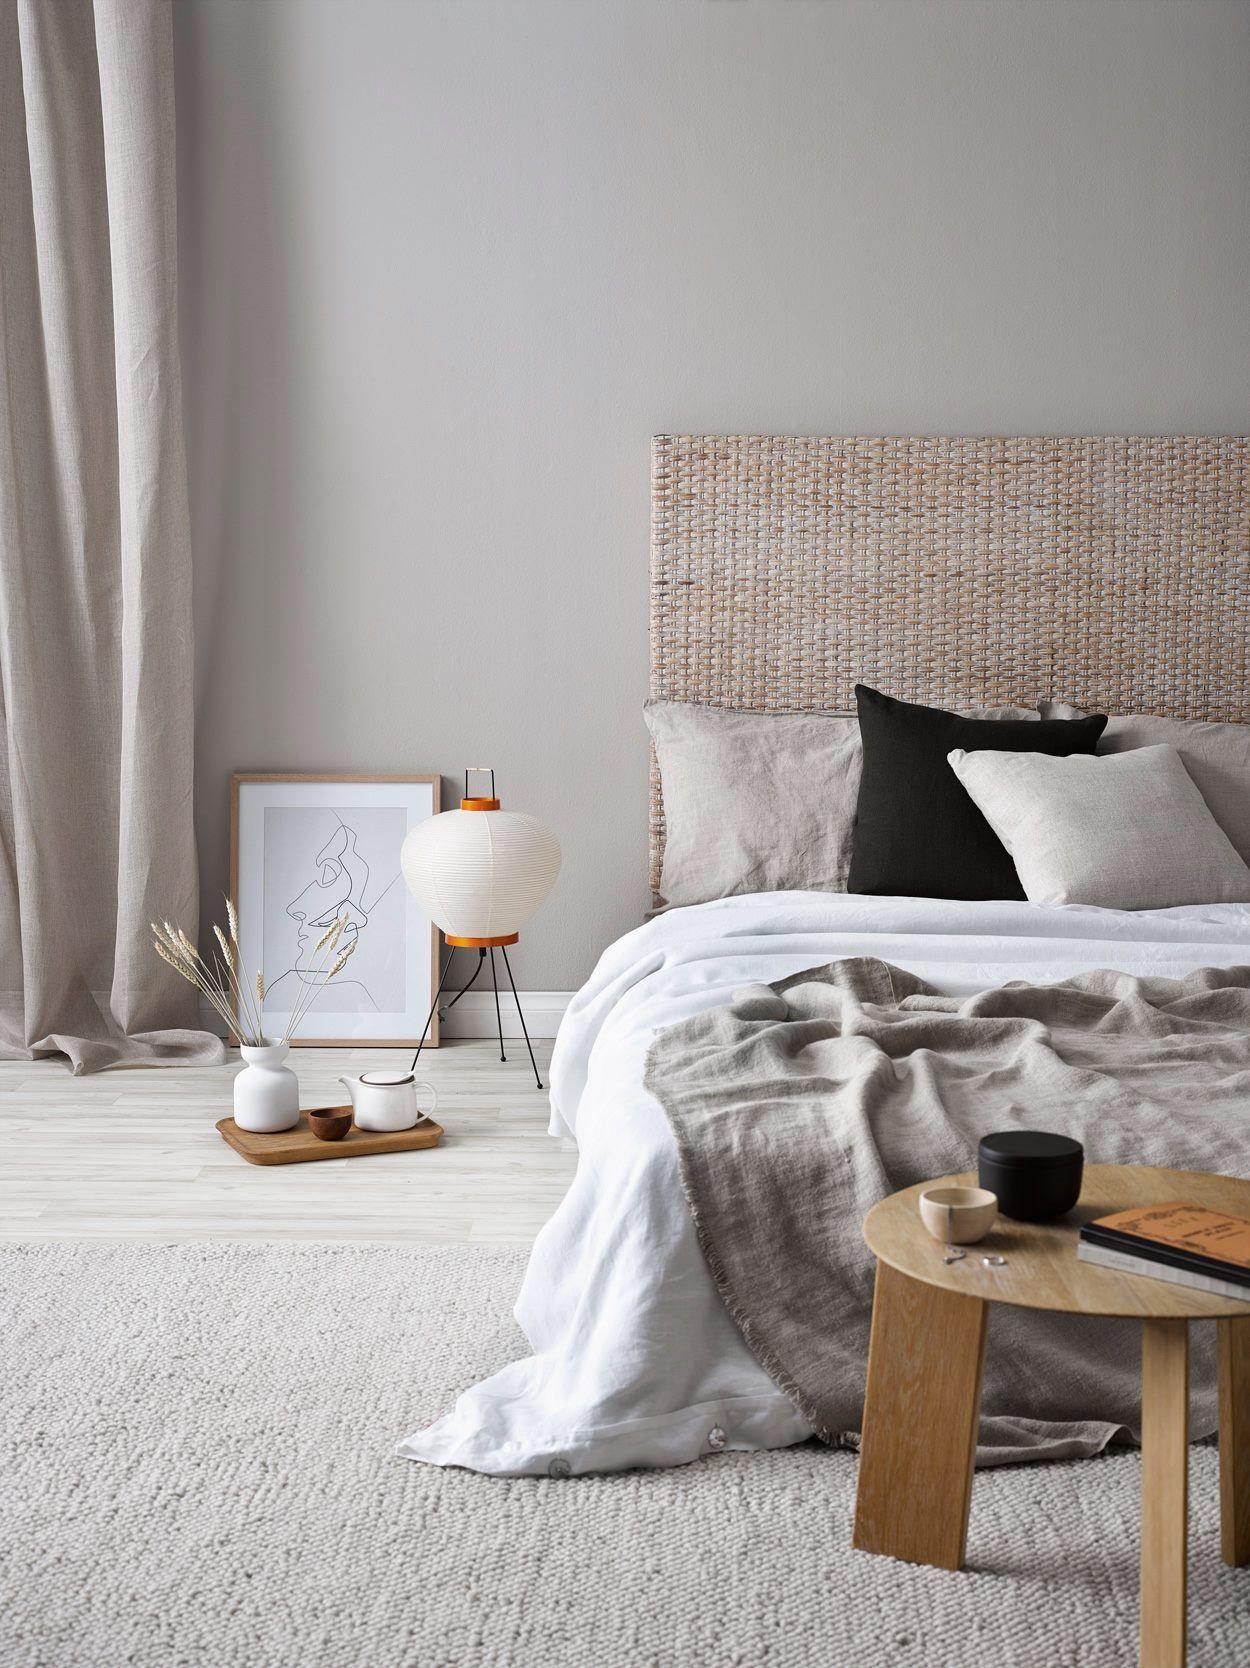 19 mẫu phòng ngủ hài hòa và thư thái theo phong cách Zen - Ảnh 15.